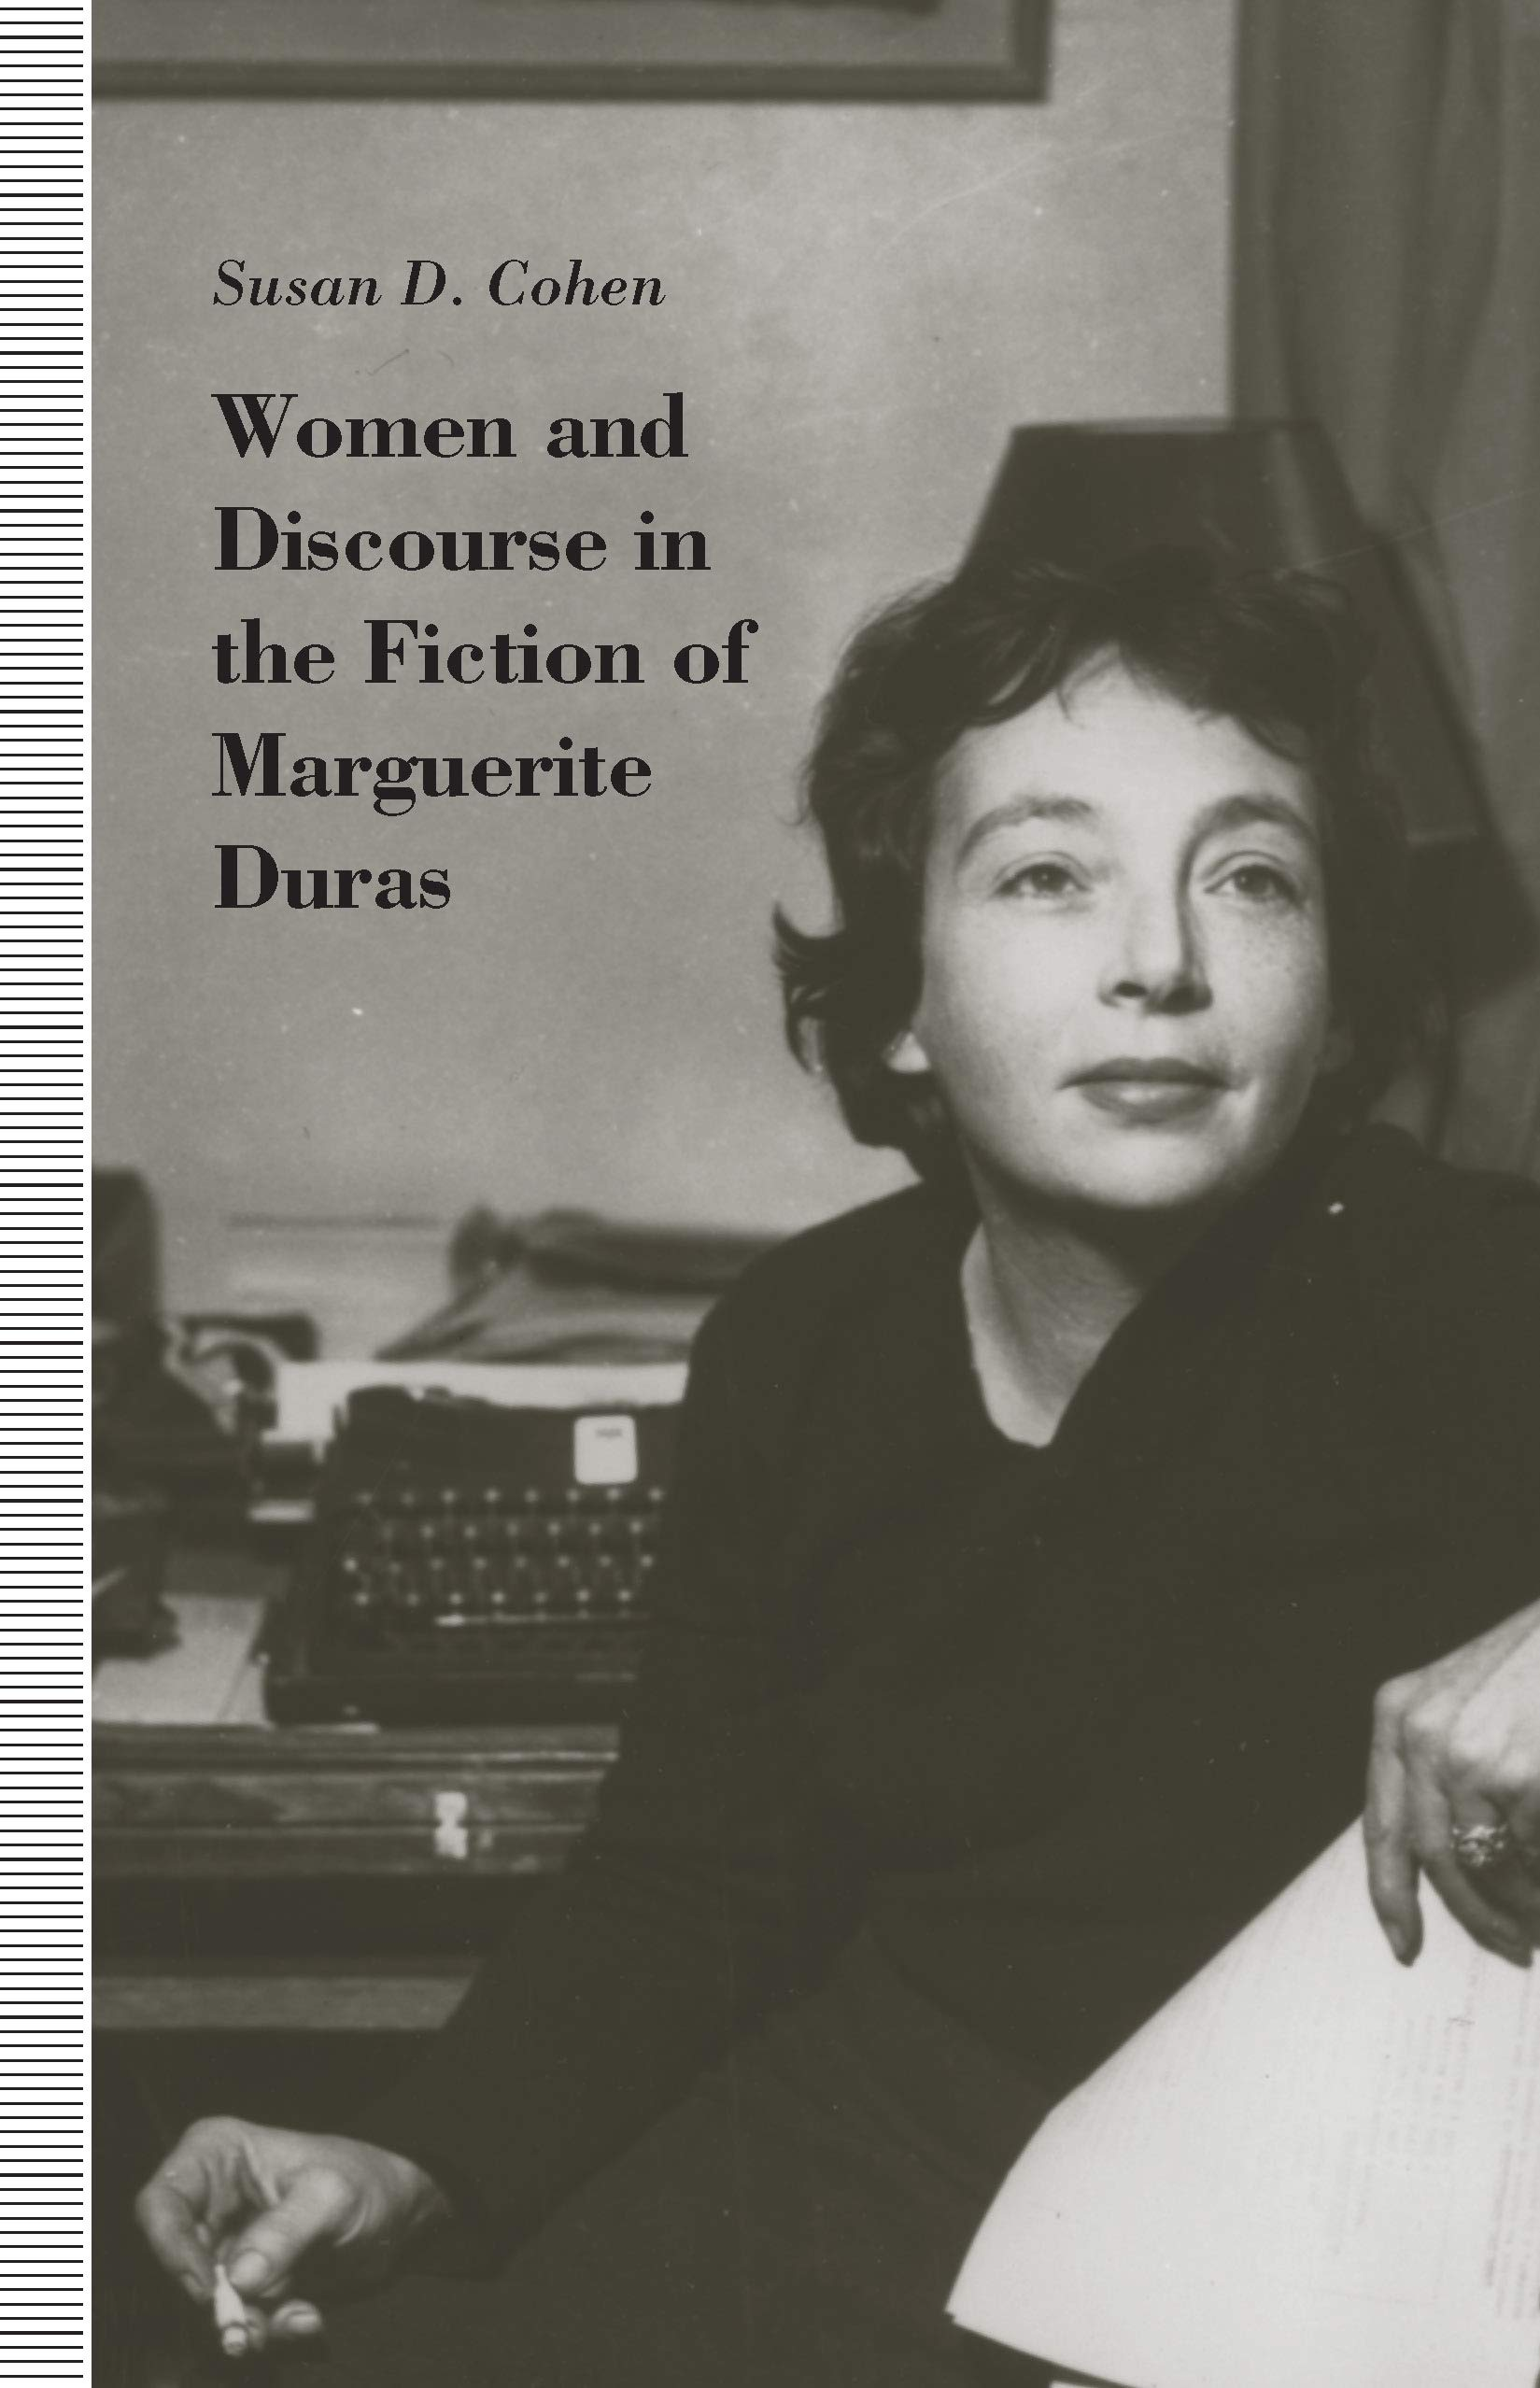 Amazon Com Women And Discourse In The Fiction Of Marguerite Duras Love Legends Language 9780870238284 Cohen Susan D Books